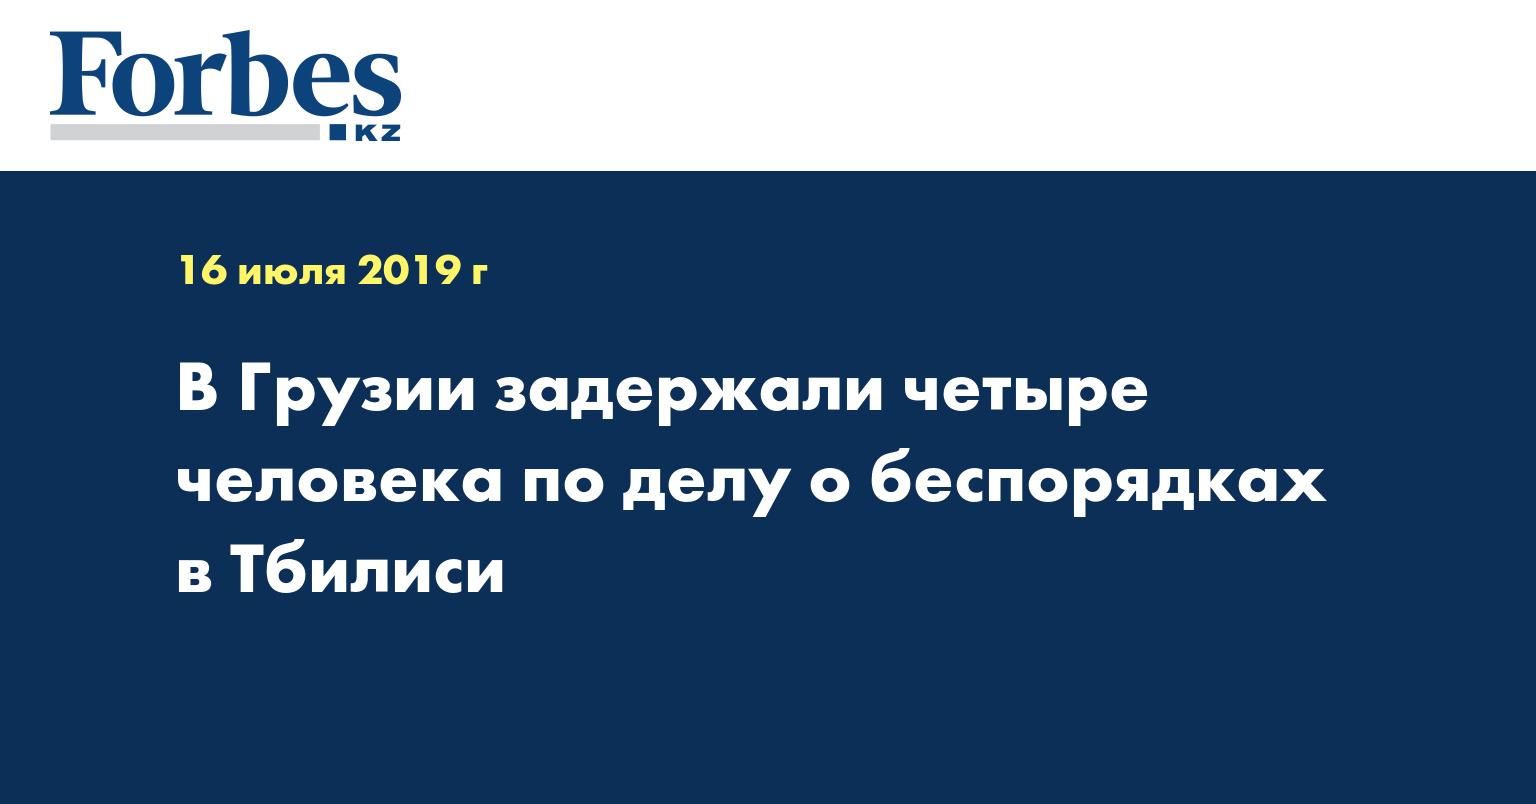 В Грузии задержали четыре человека по делу о беспорядках в Тбилиси